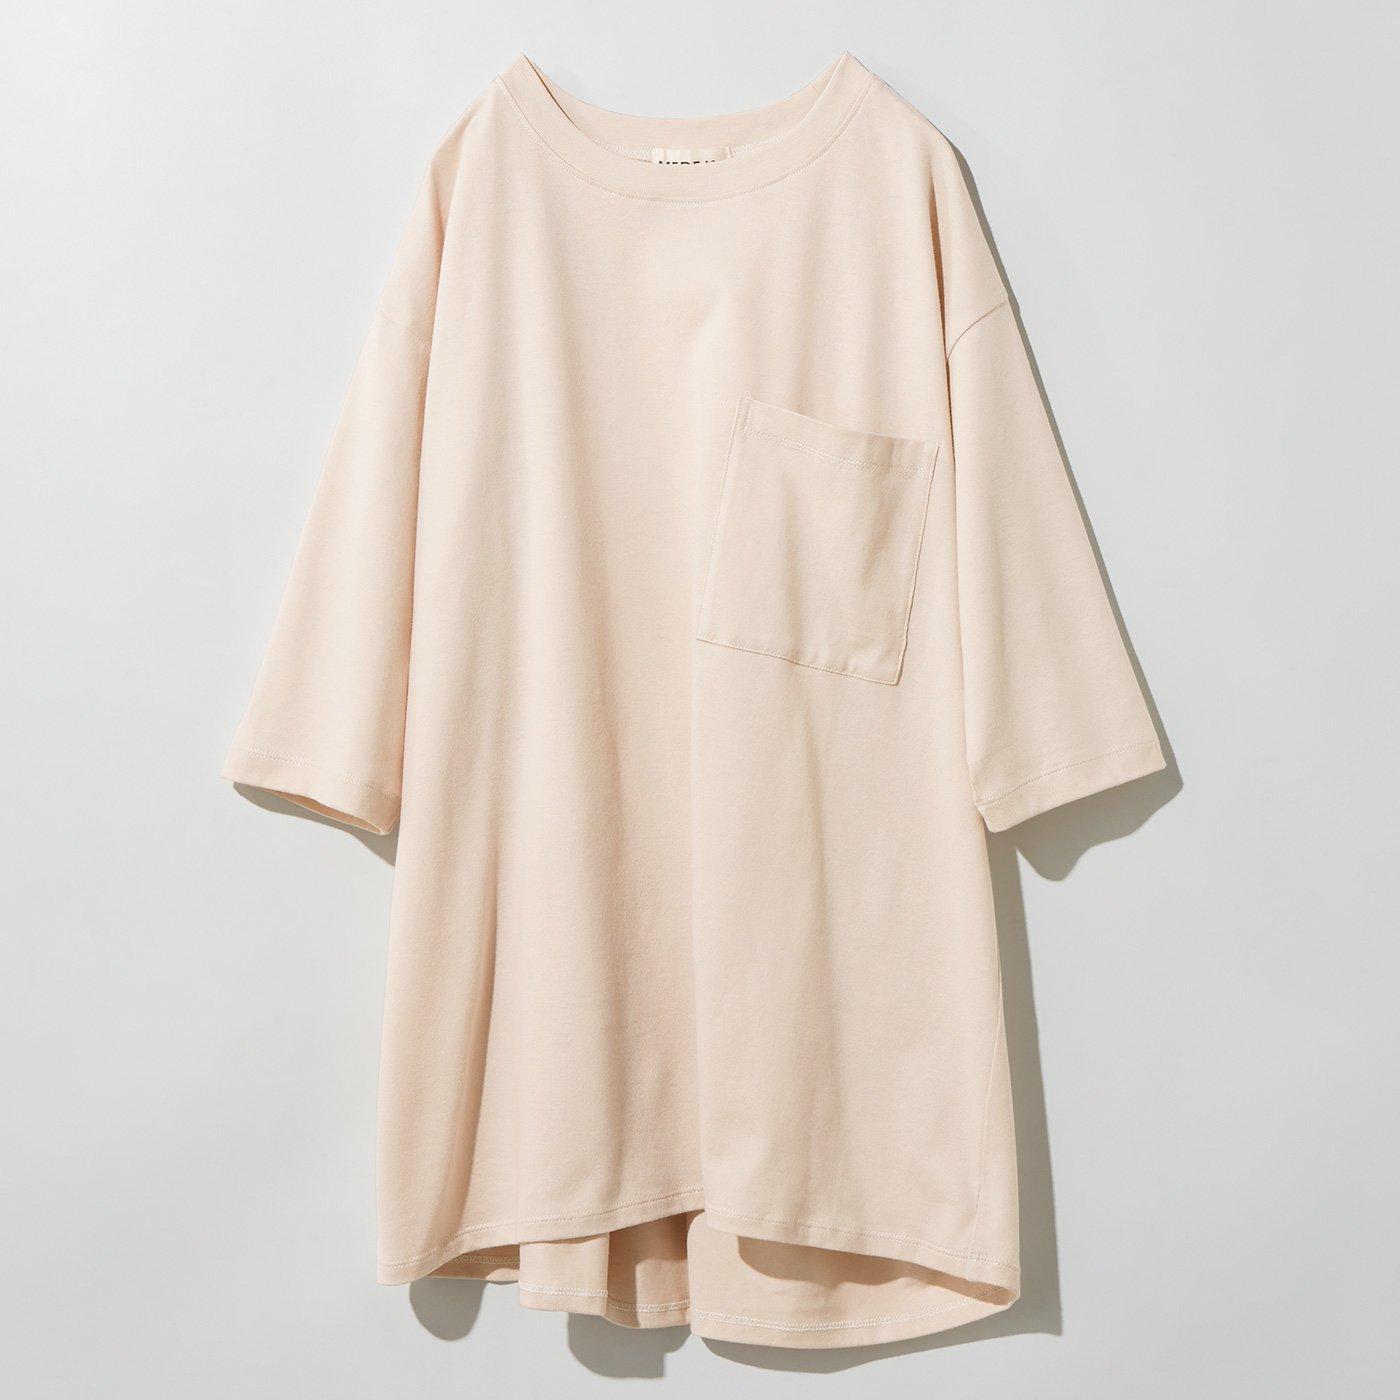 MEDE19F バックデザインのリメイク風Tシャツ〈ベージュ〉